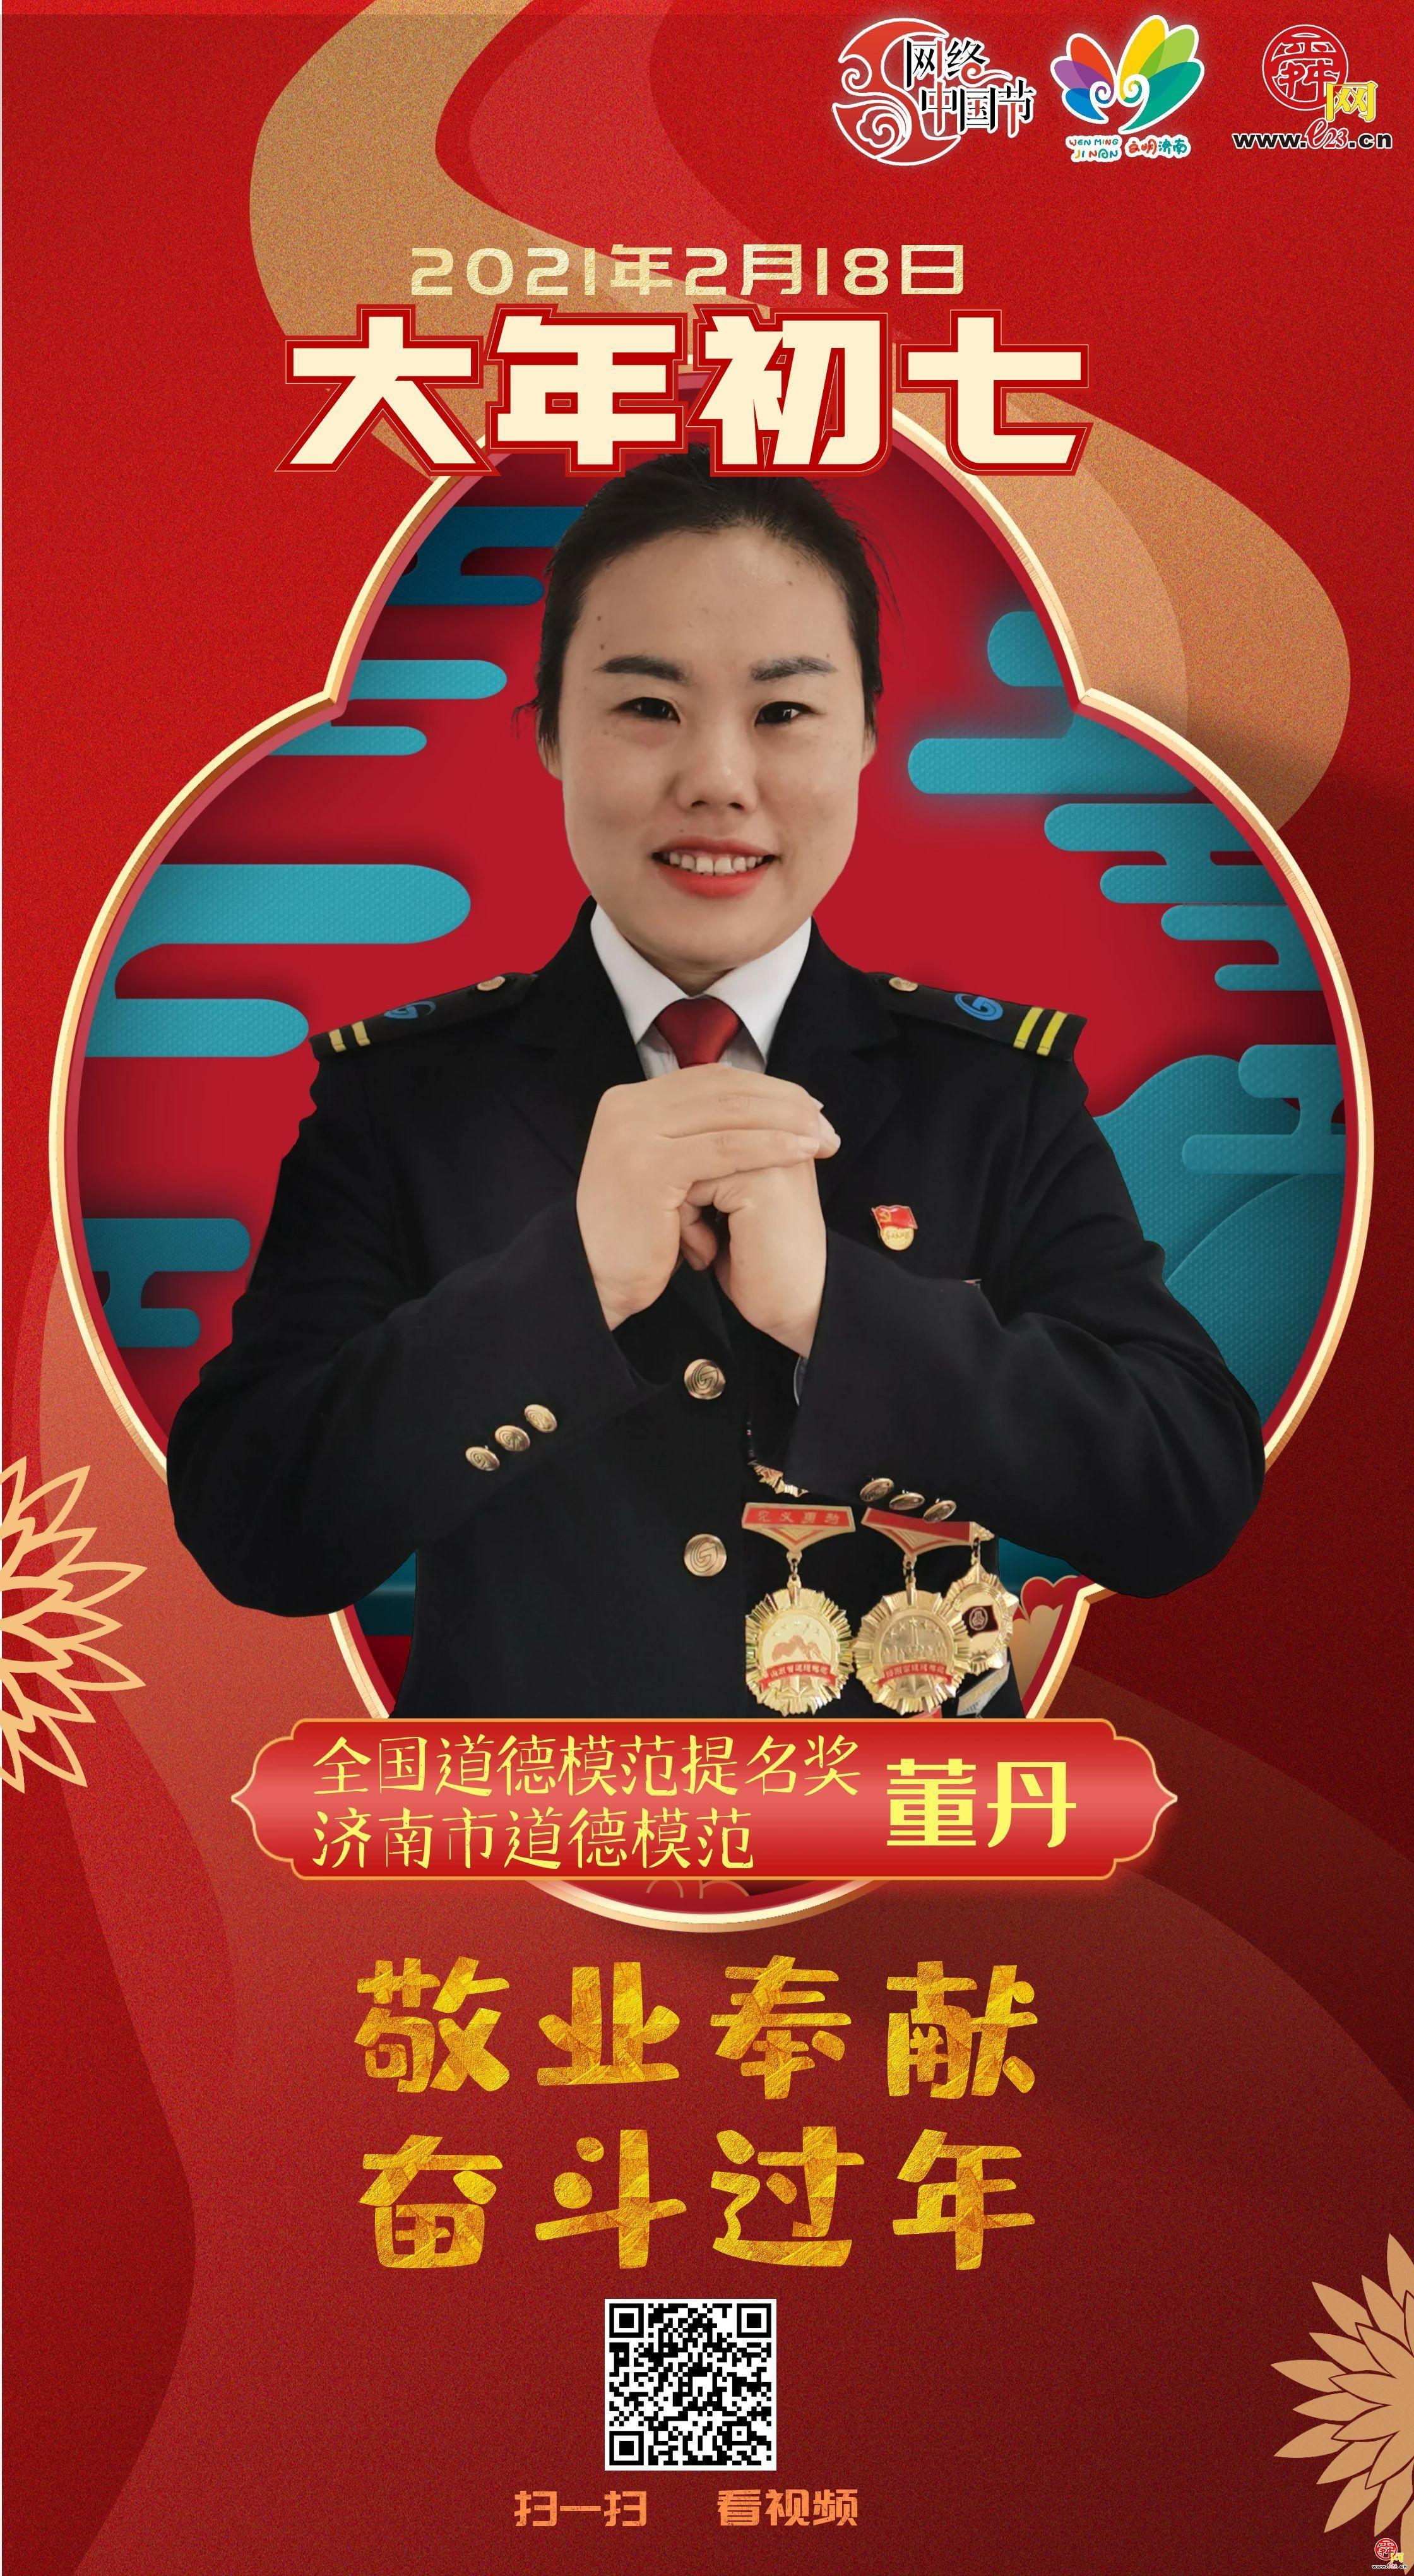 【网络中国年·春节】道德模范拜年日历